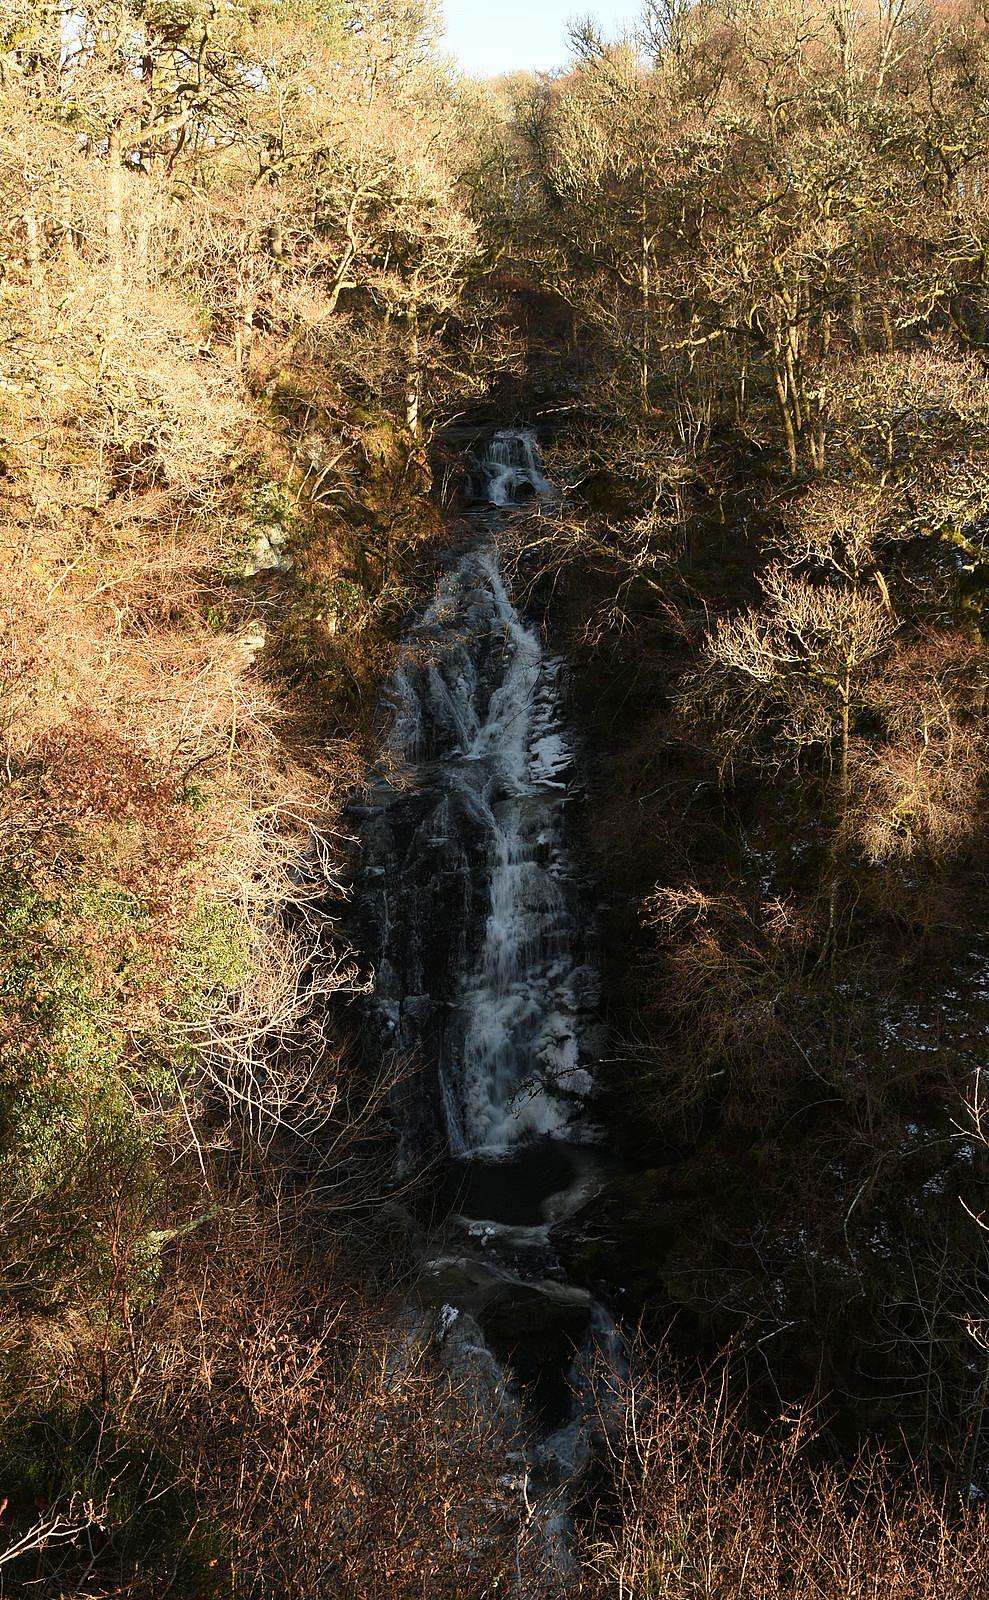 Black Spout waterfall